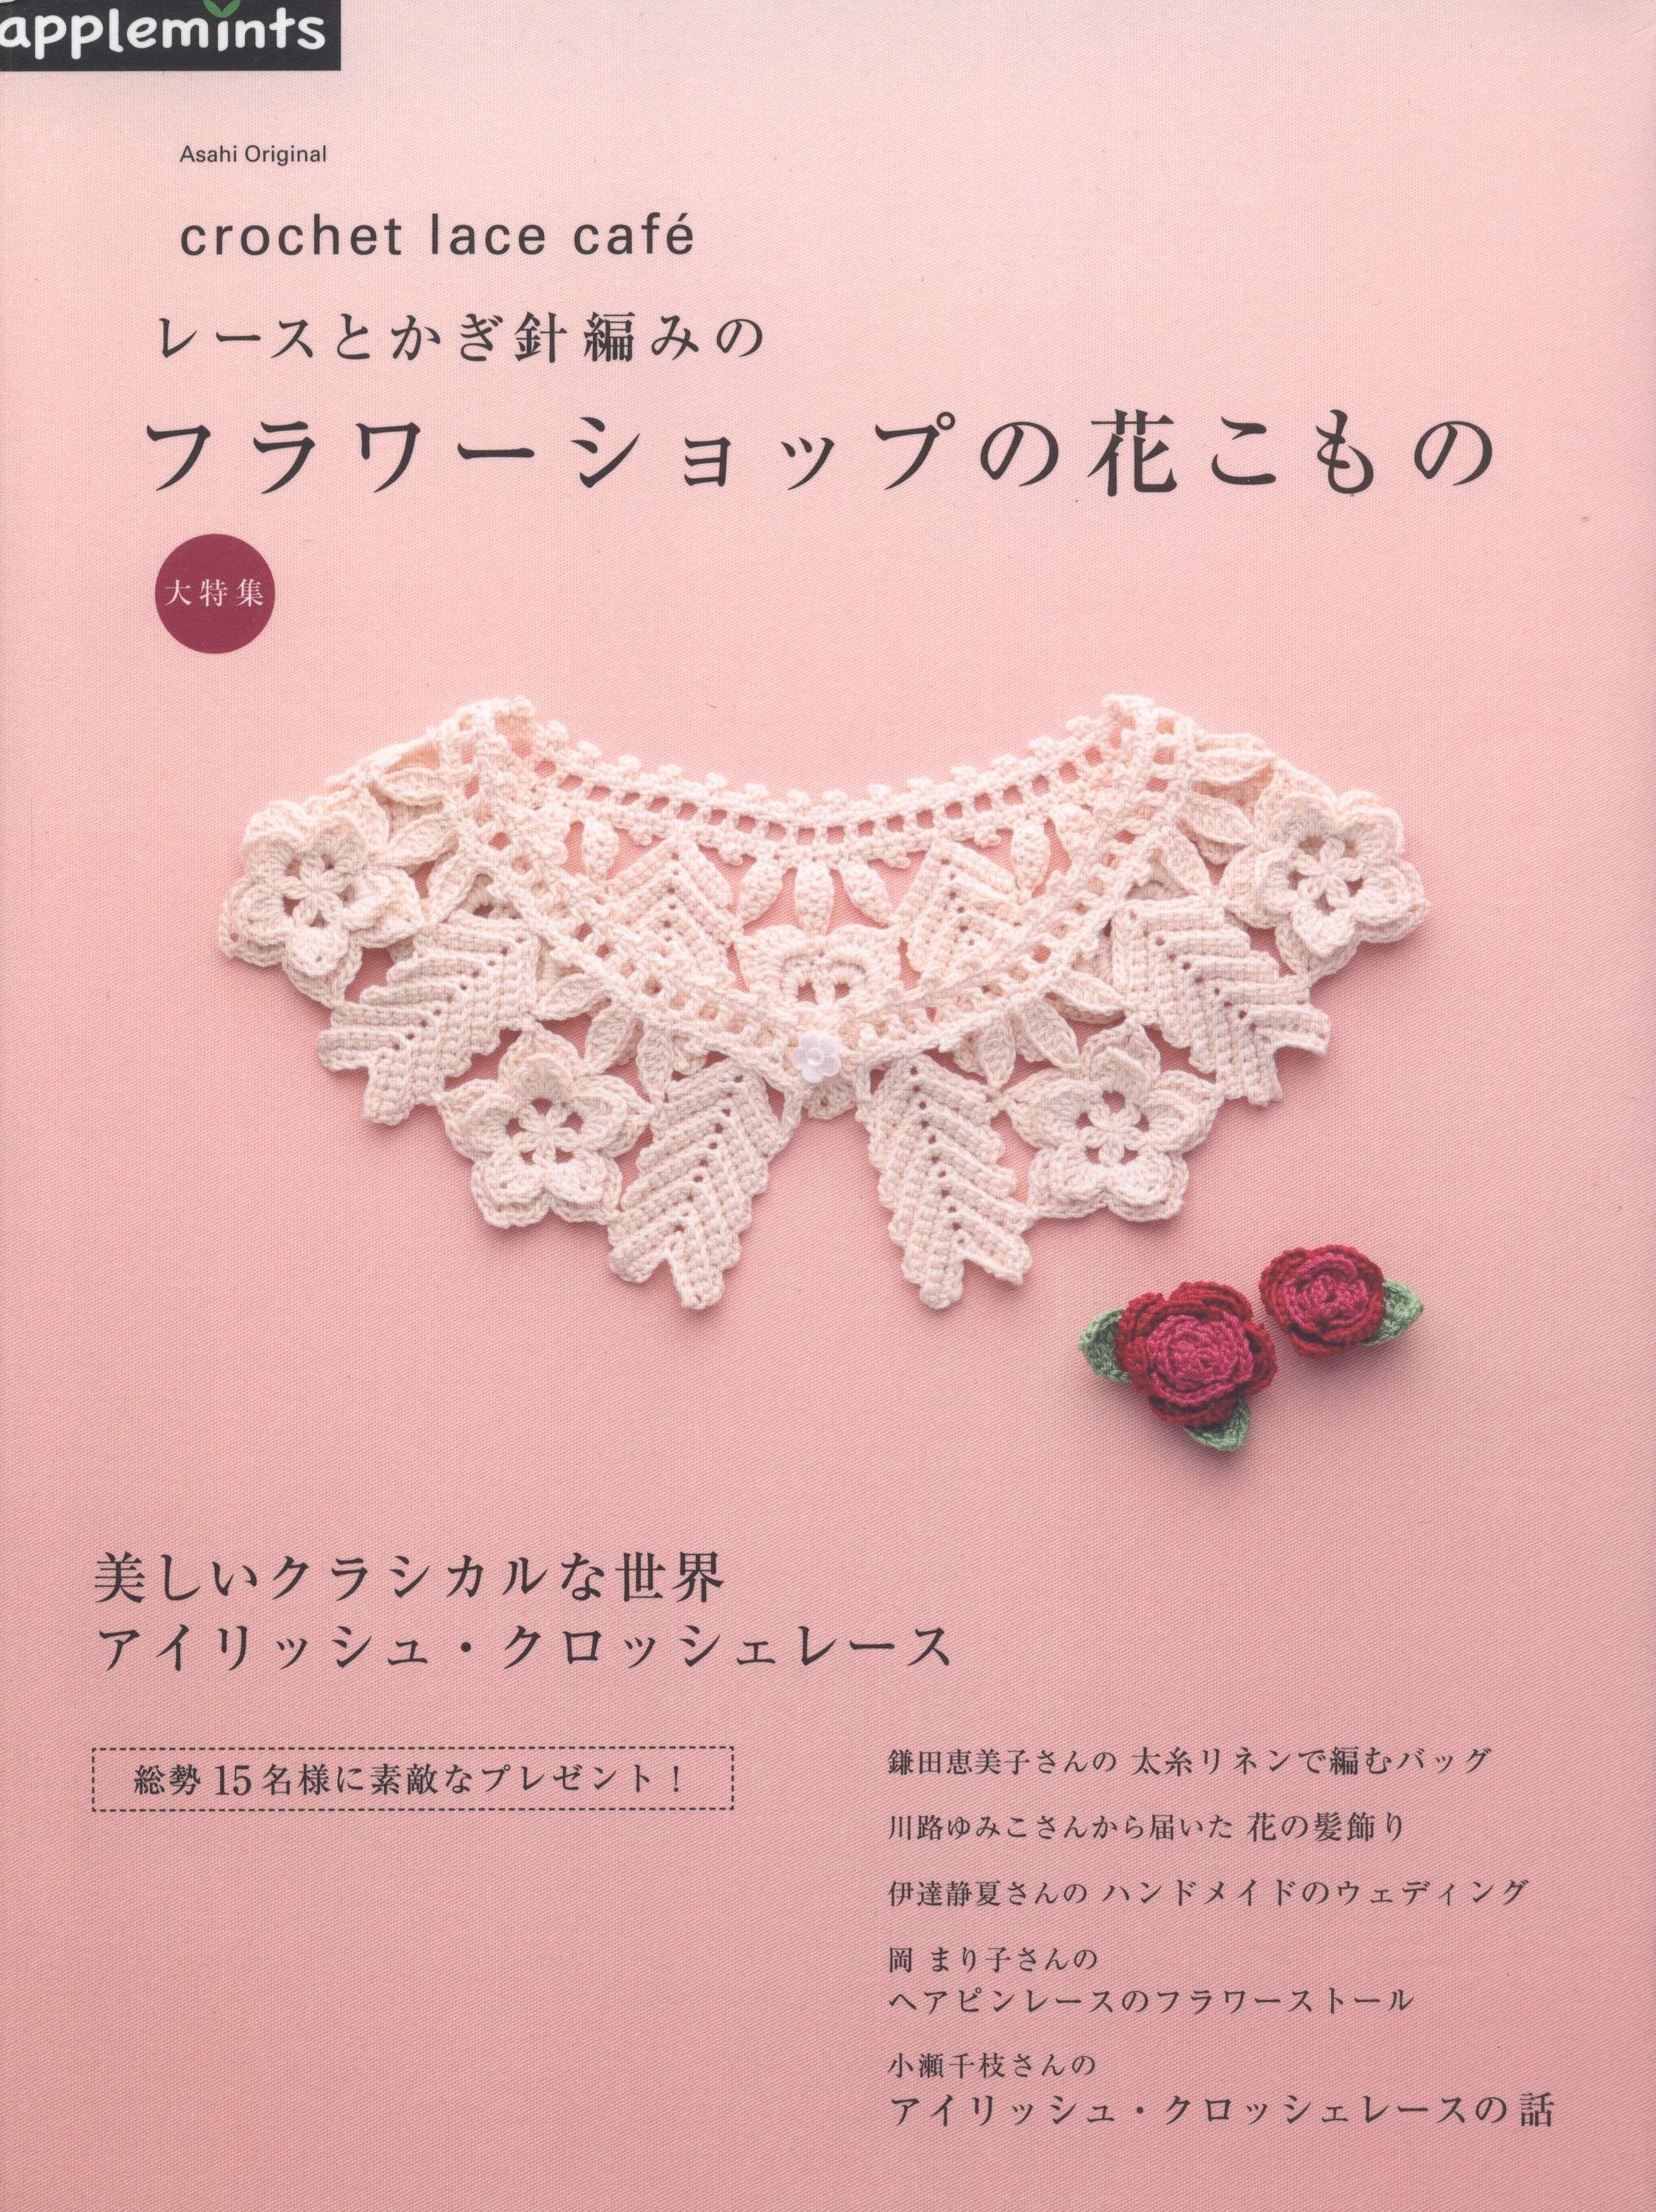 imgbox - schnell, einfach Bild-Host | Books crochet & knit ...